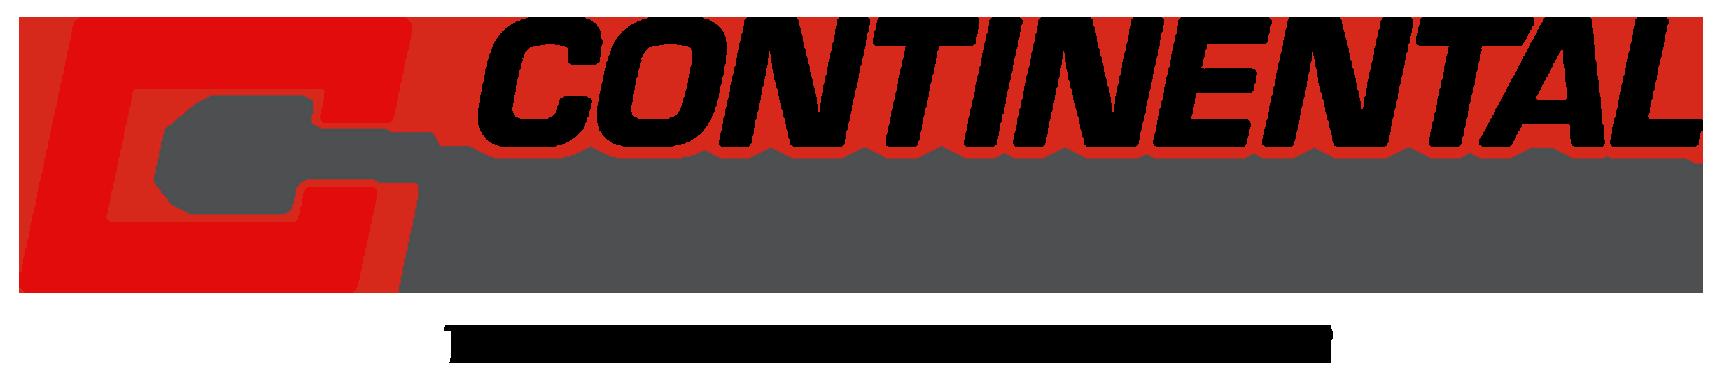 WISVF87A